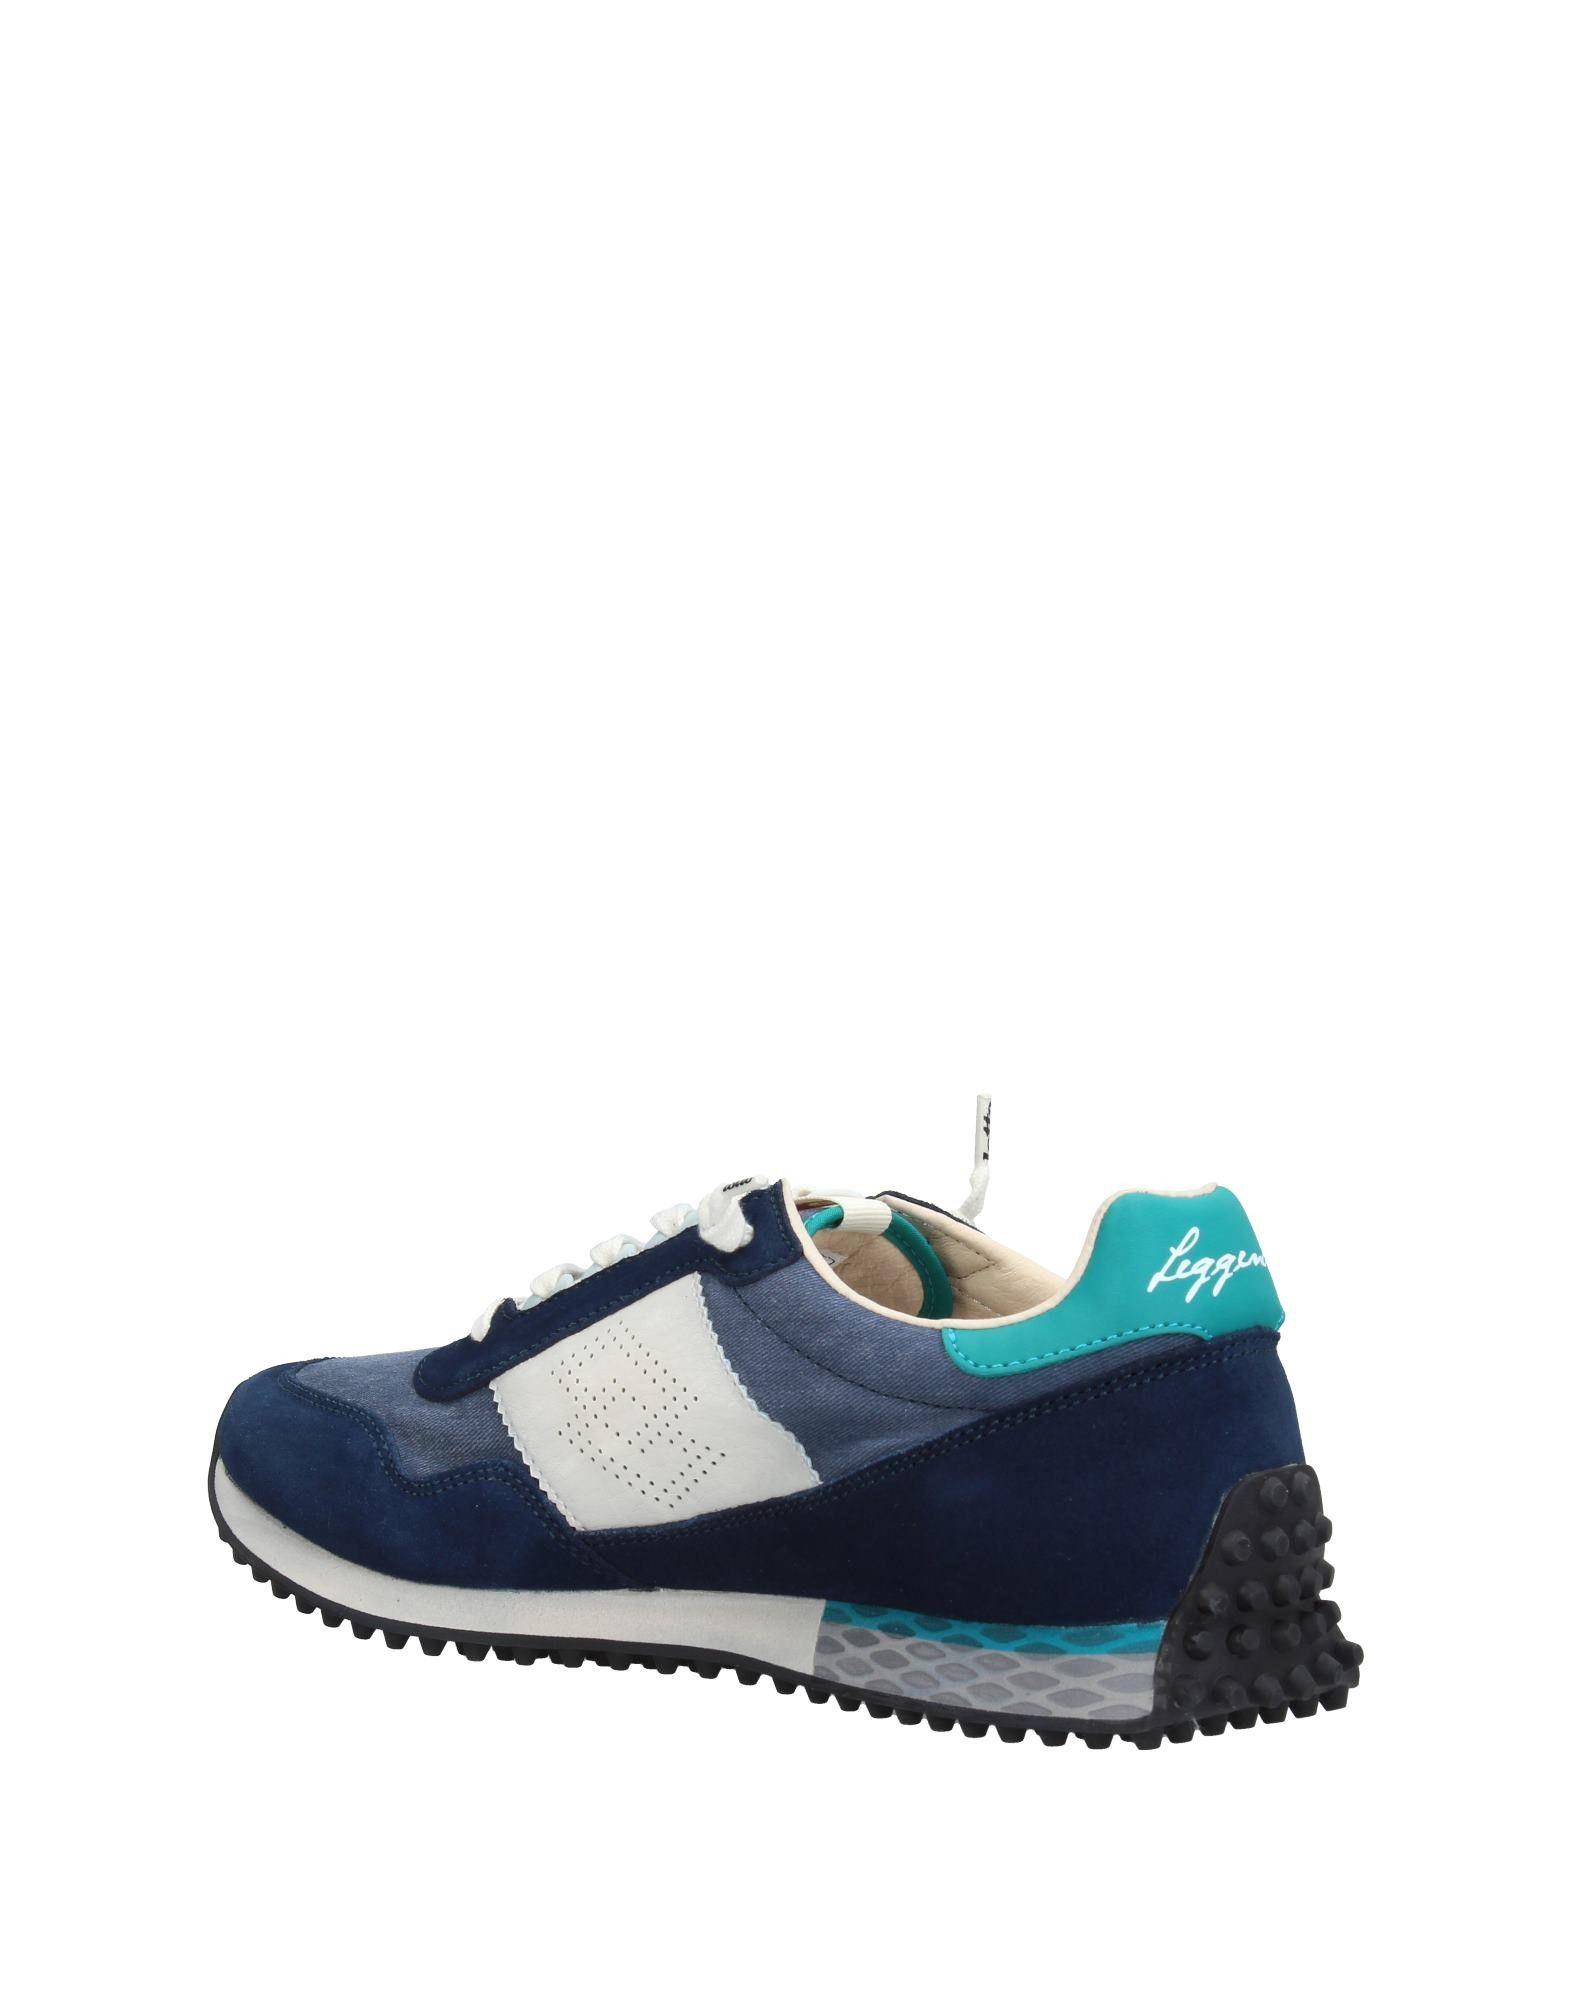 Sneakers Lotto Lotto Sneakers Leggenda Uomo - 11384601BN fb7a65